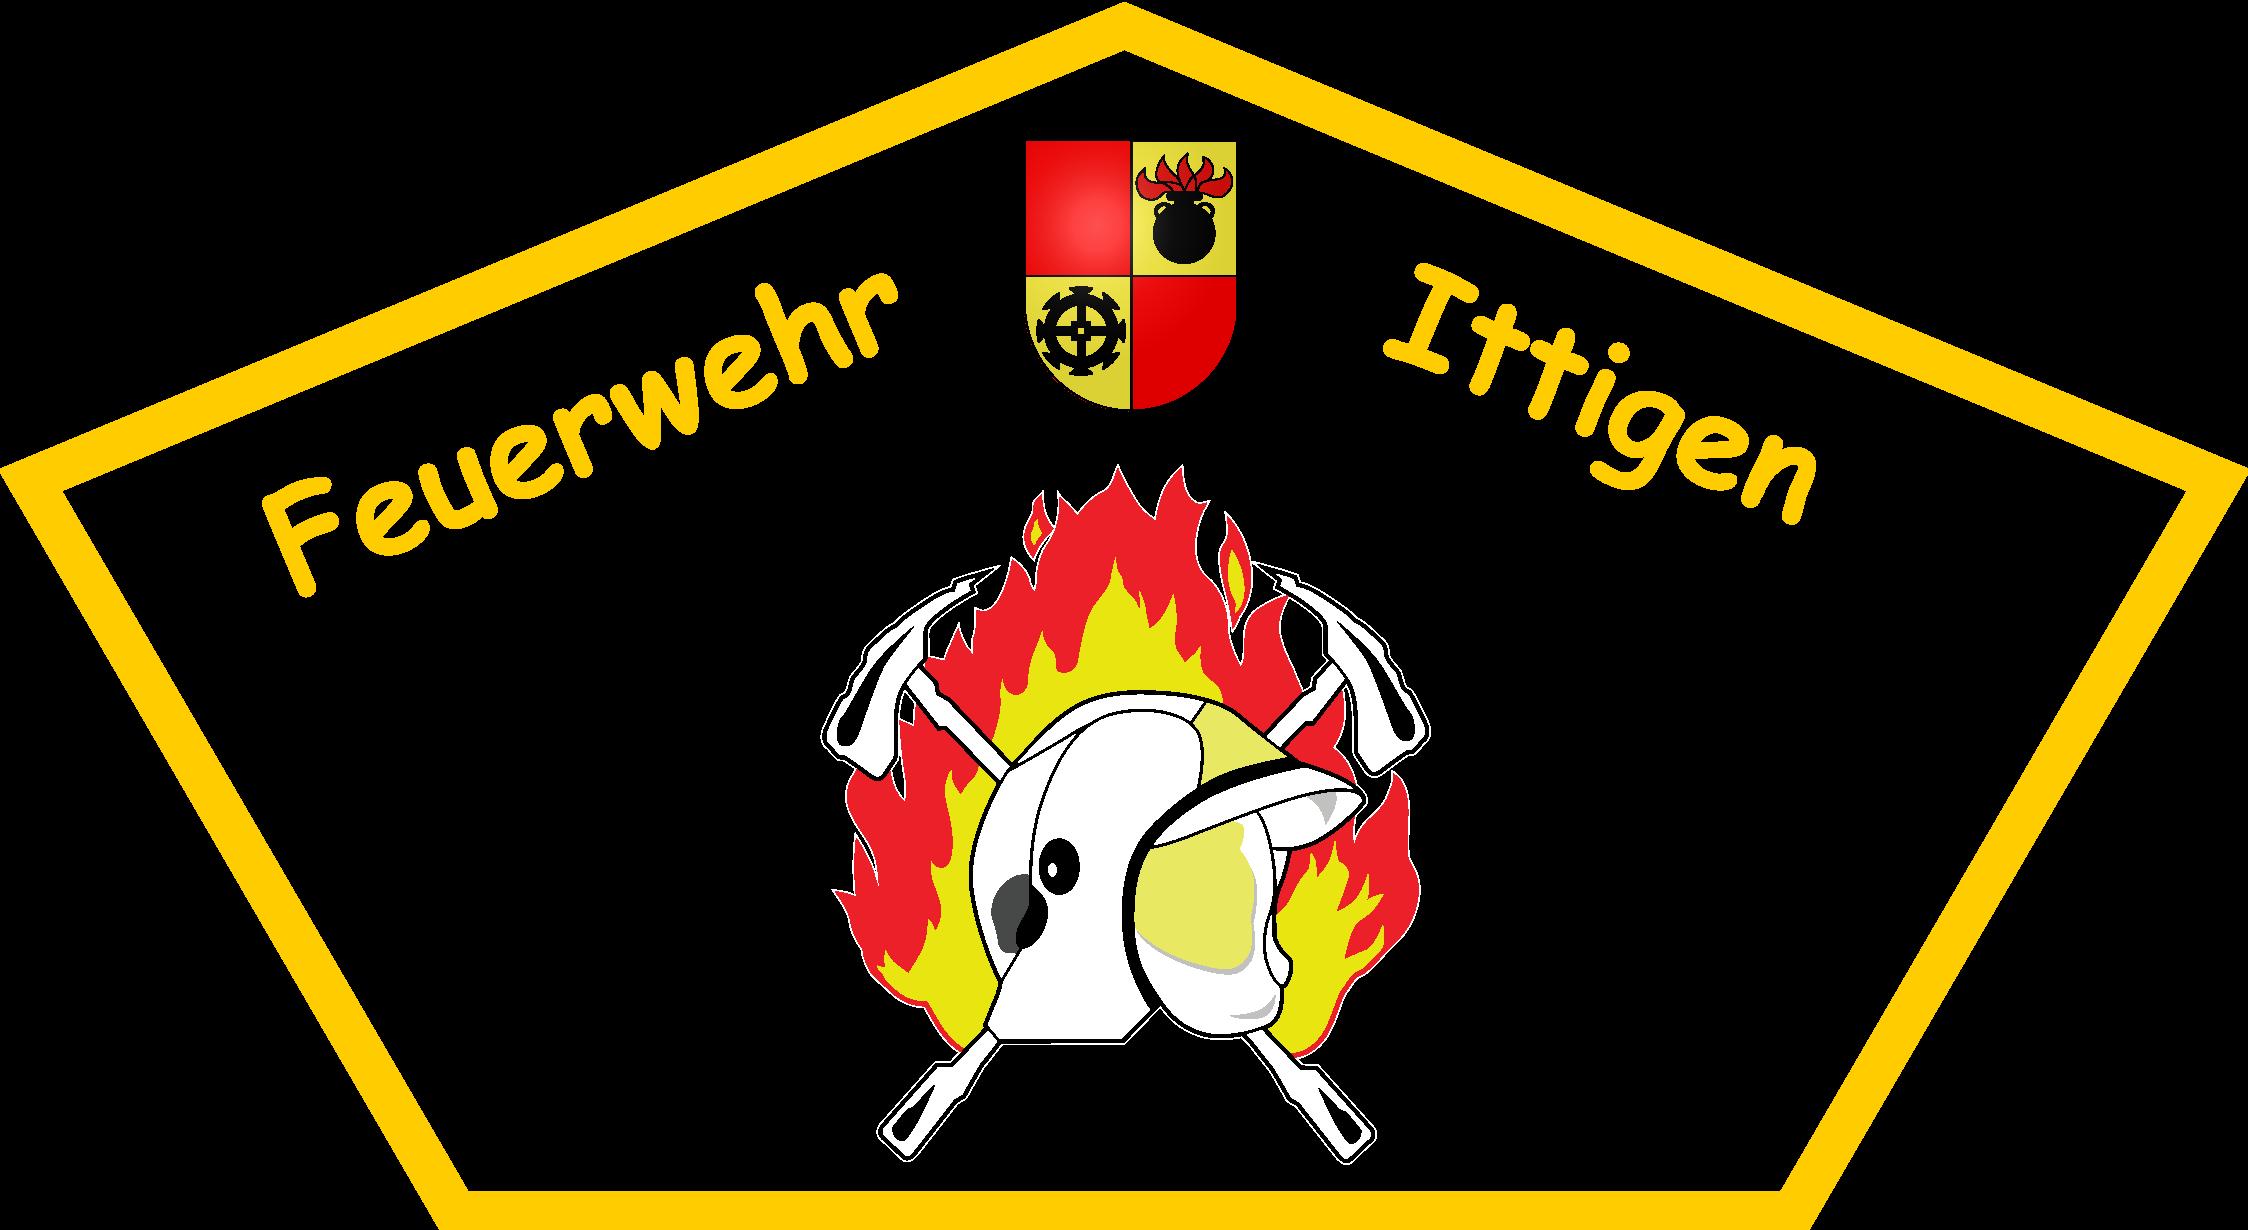 Feuerwehr Ittigen